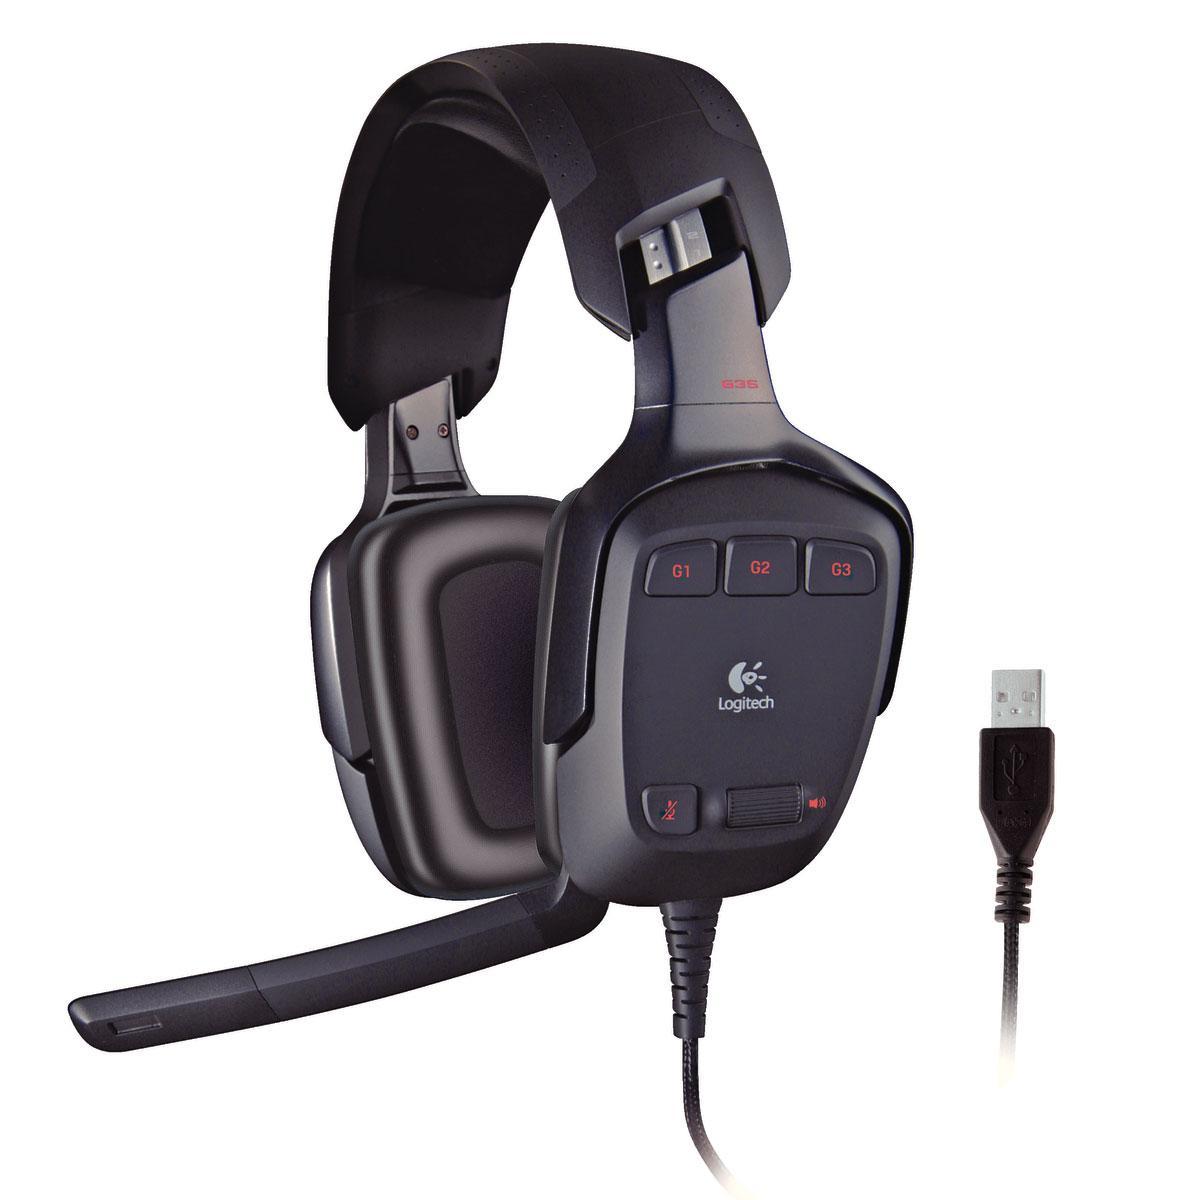 Micro-Casque Gaming 7.1 Logitech G35 S compatible PC et PS4 Noir